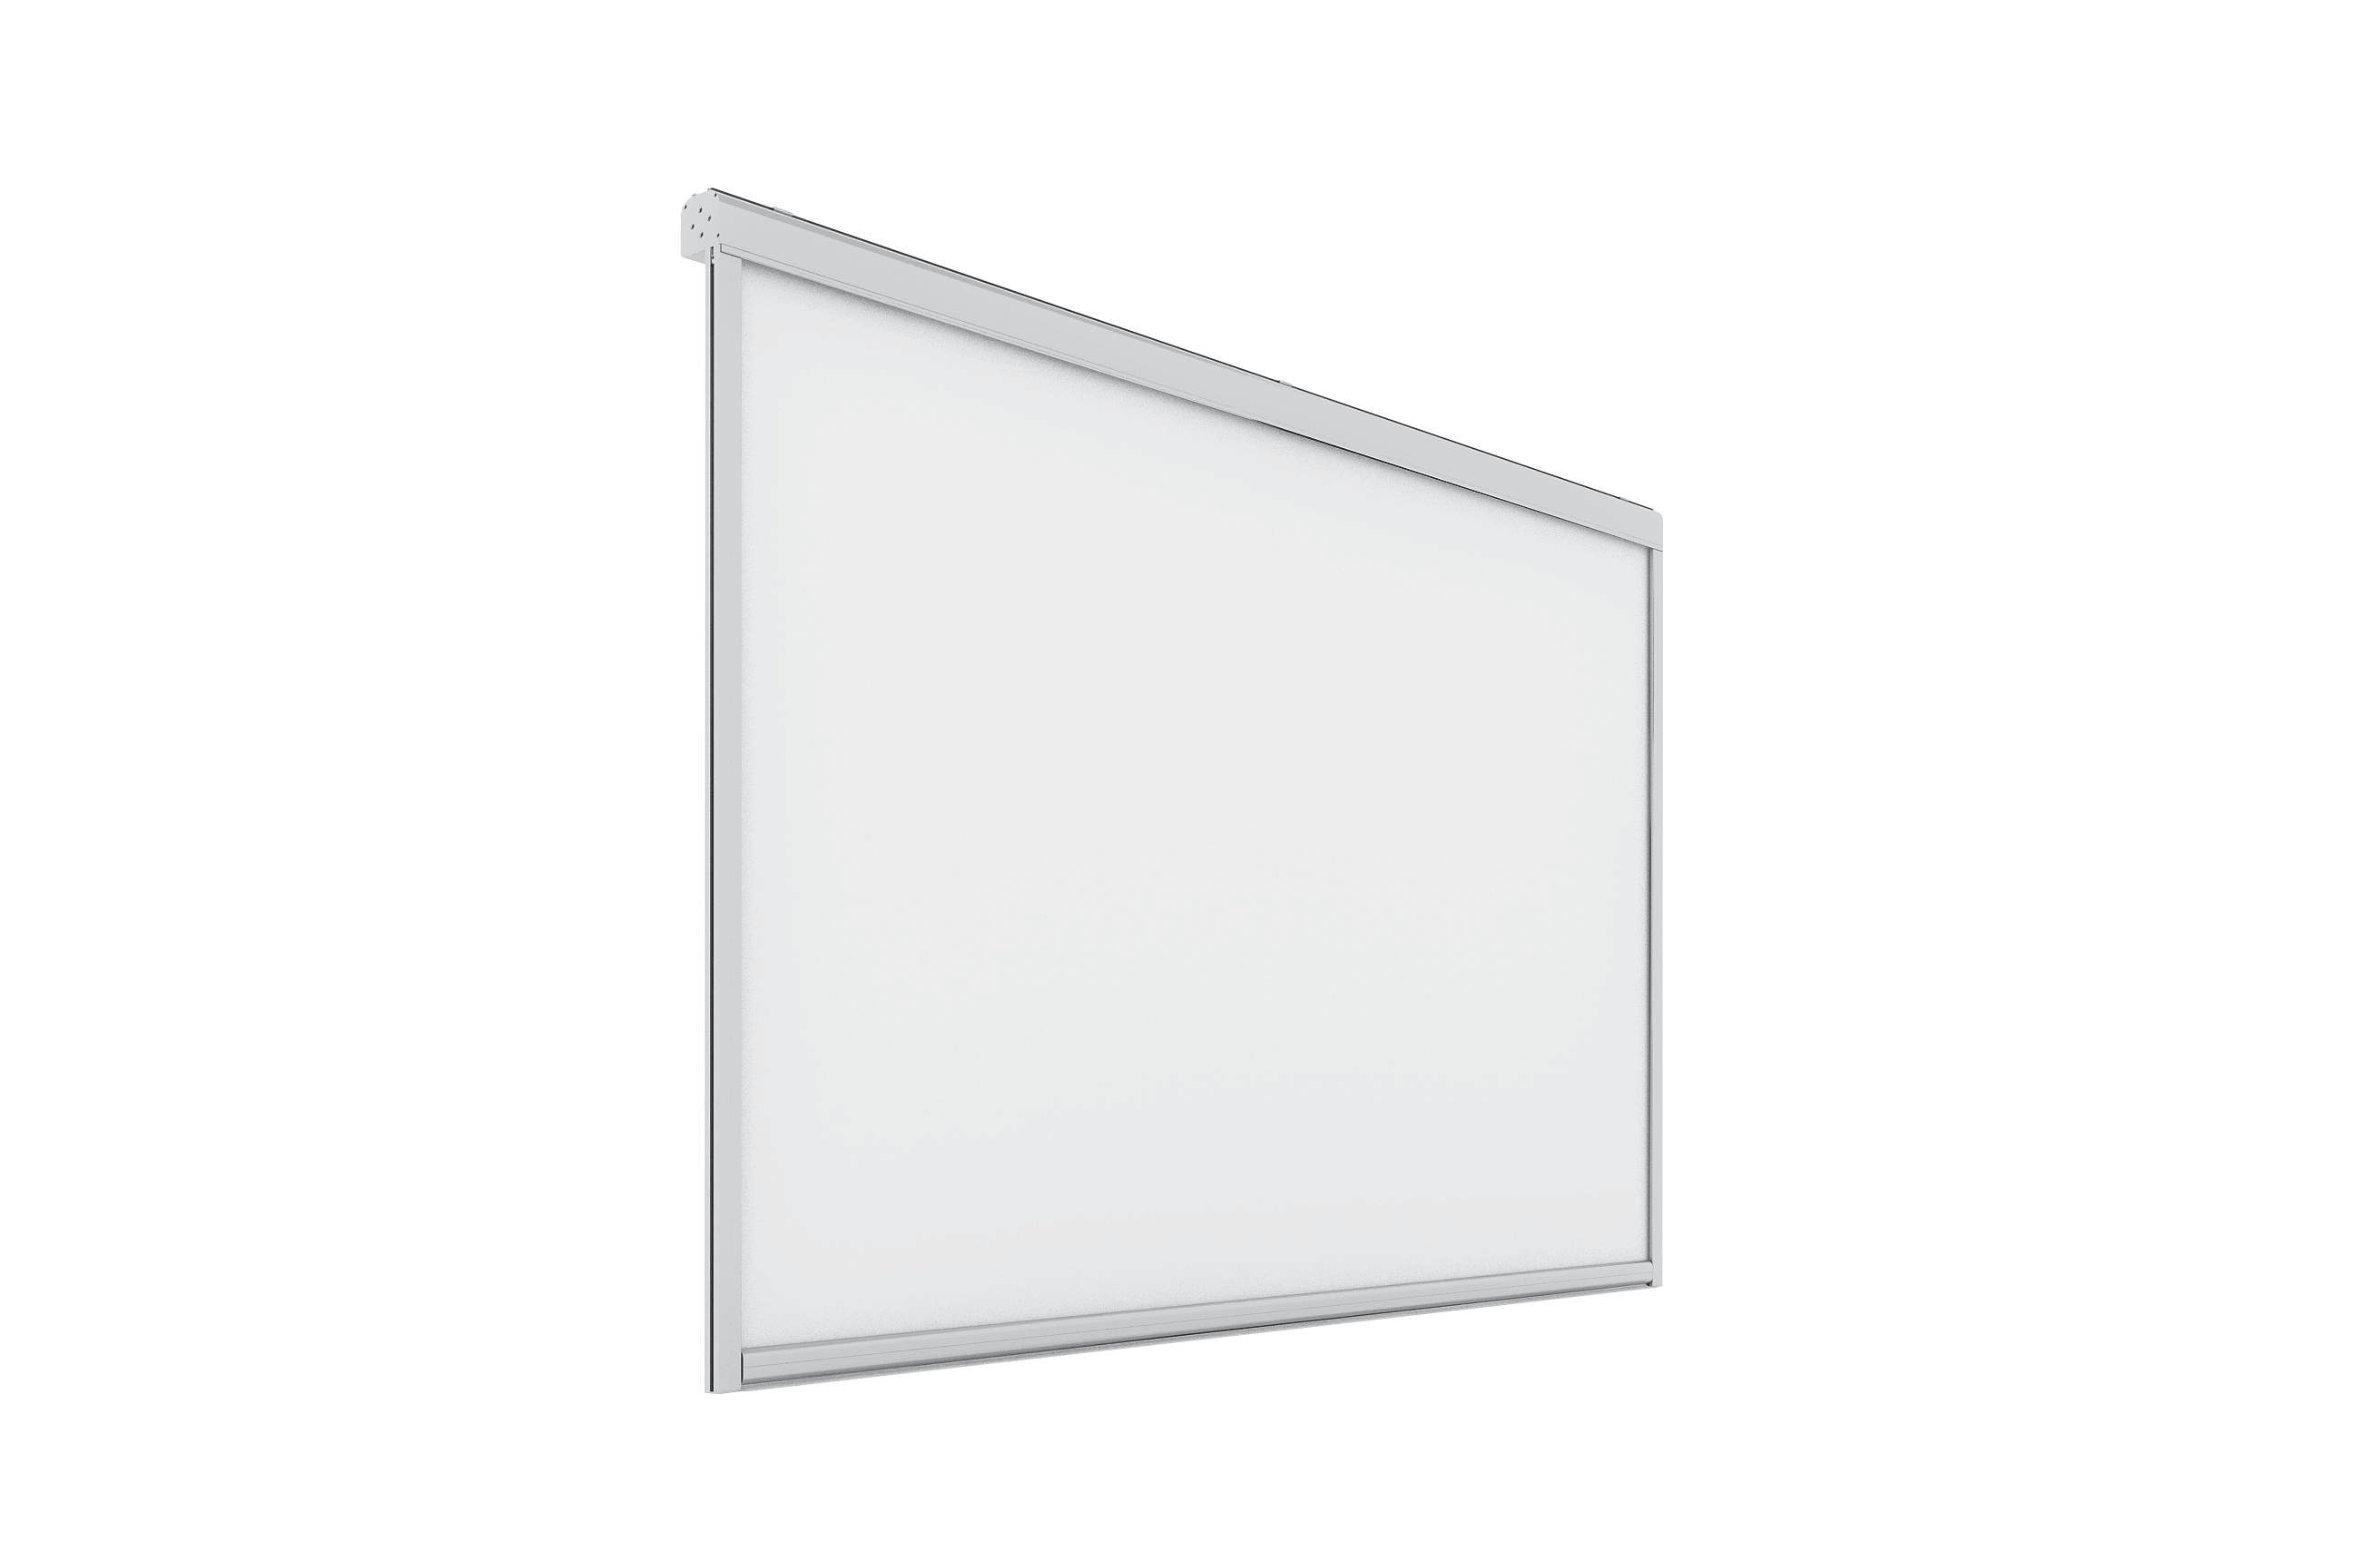 Trova una vasta selezione di pvc trasparente a tende per la casa a prezzi vantaggiosi su ebay. Tenda A Caduta Anti Vento Con Sistema Di Ritenuta Finale Tendeverona